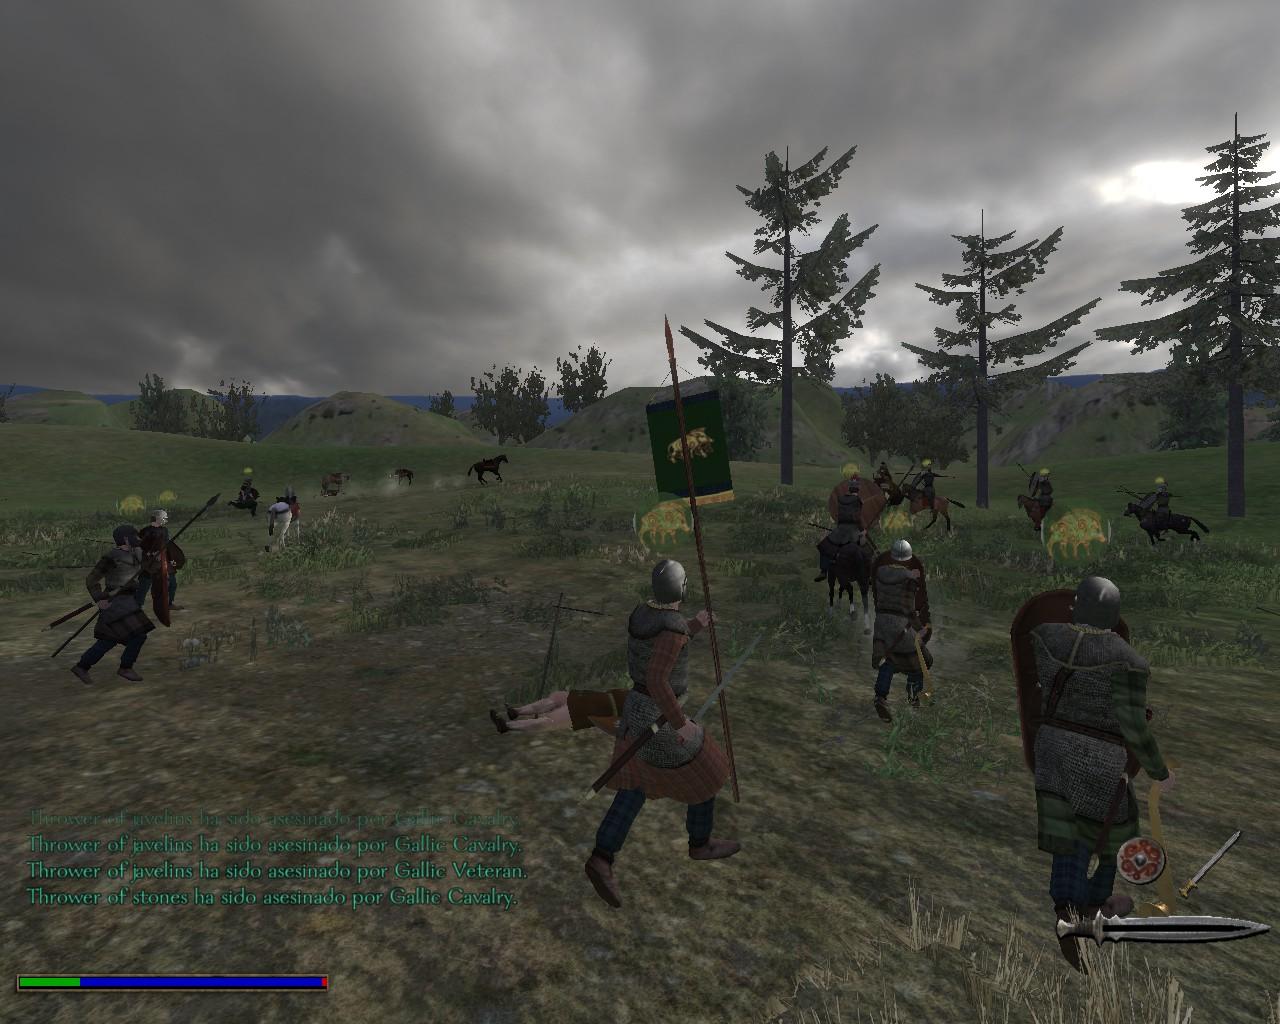 Nuestras capturas de pantalla en warband - Página 6 4OoSo